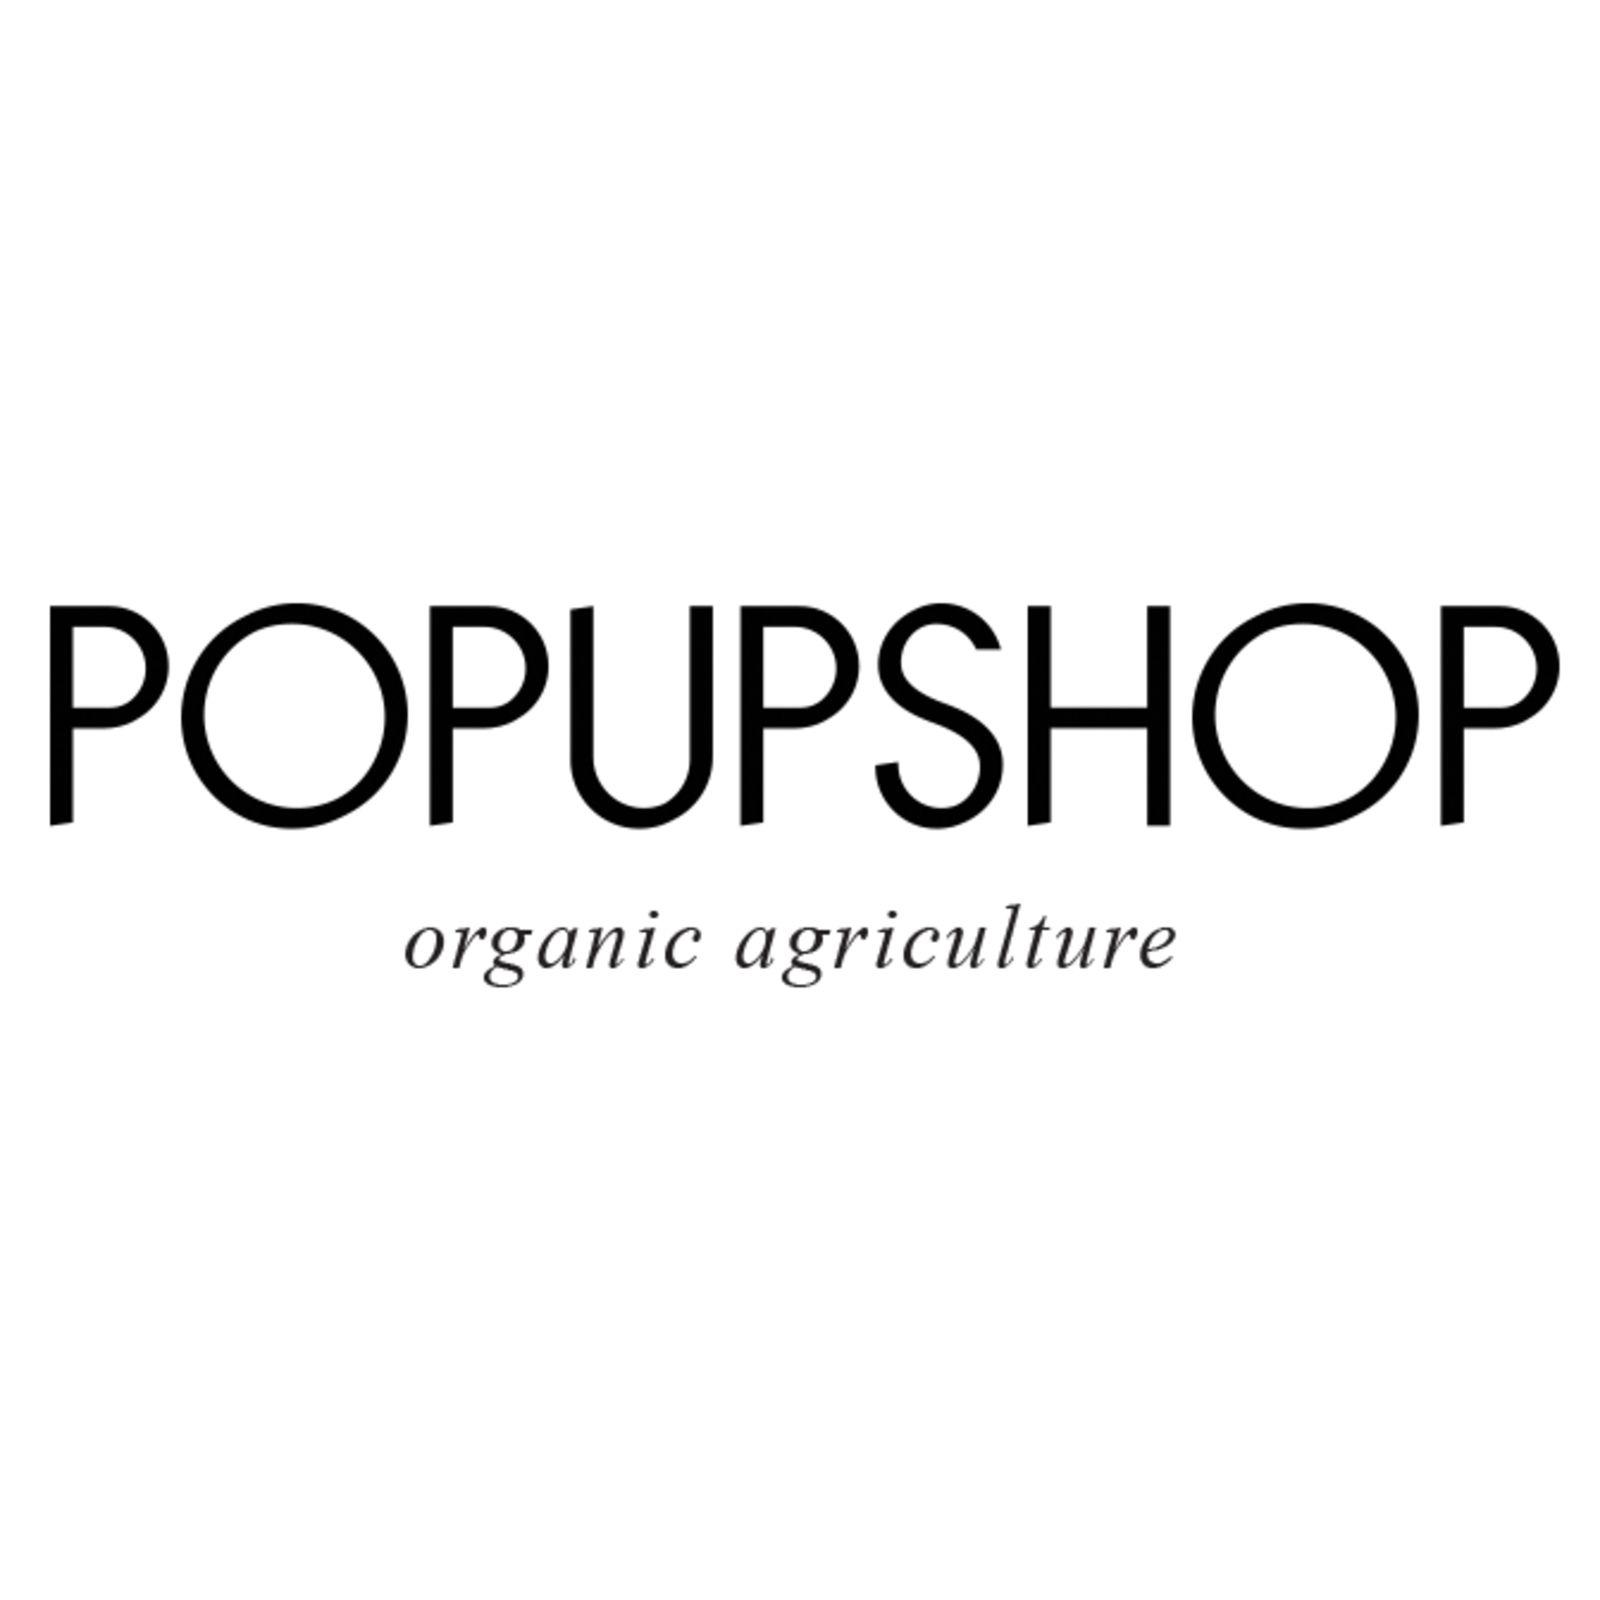 POPUPSHOP (Bild 1)